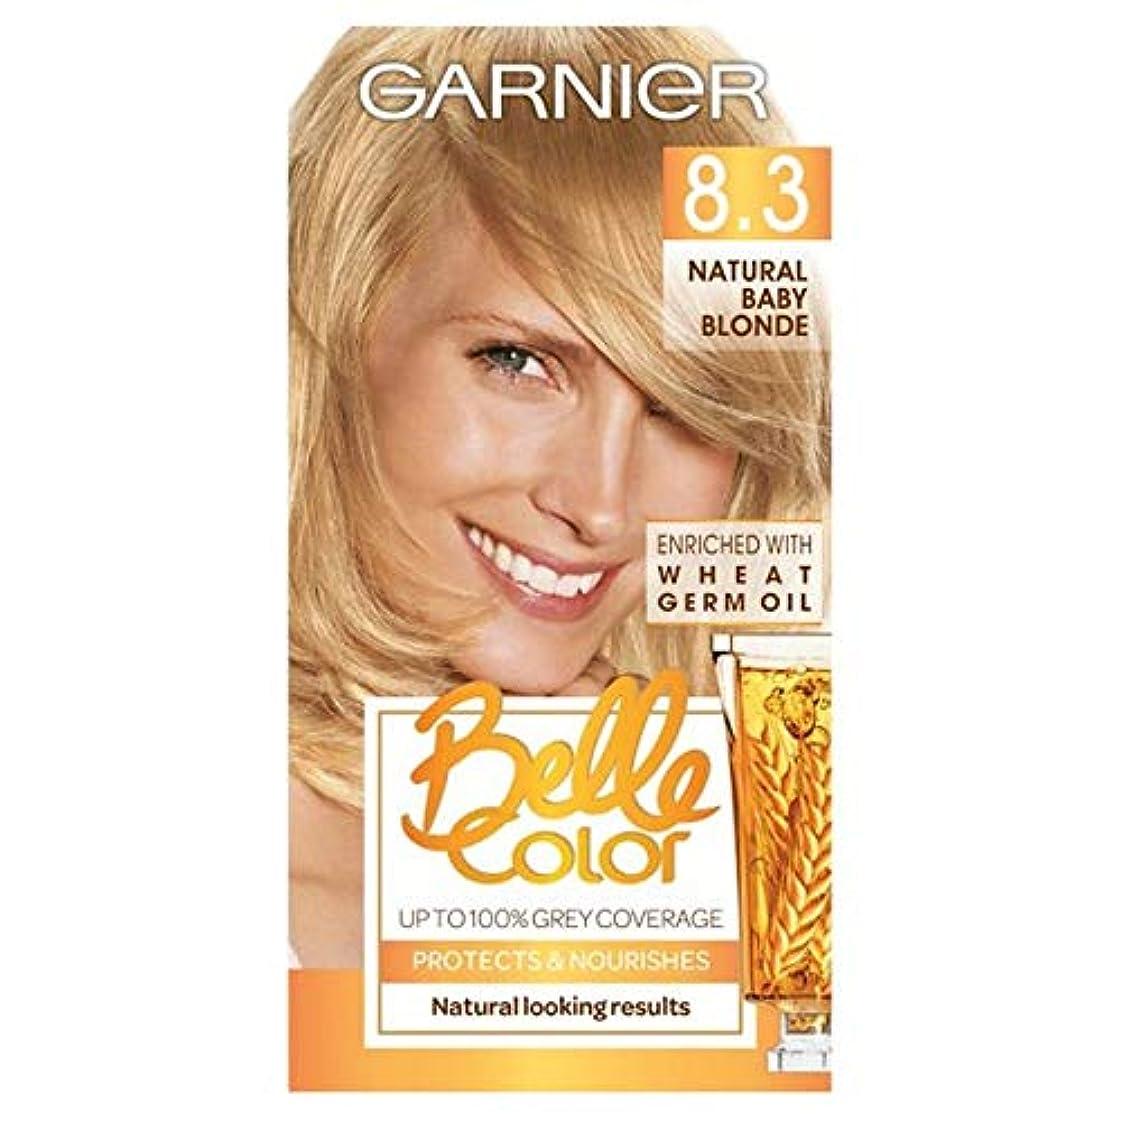 ルアー広々とした構成する[Belle Color ] ガーン/ベル/Clr 8.3自然な赤ん坊ブロンドの永久染毛剤 - Garn/Bel/Clr 8.3 Natural Baby Blonde Permanent Hair Dye [並行輸入品]